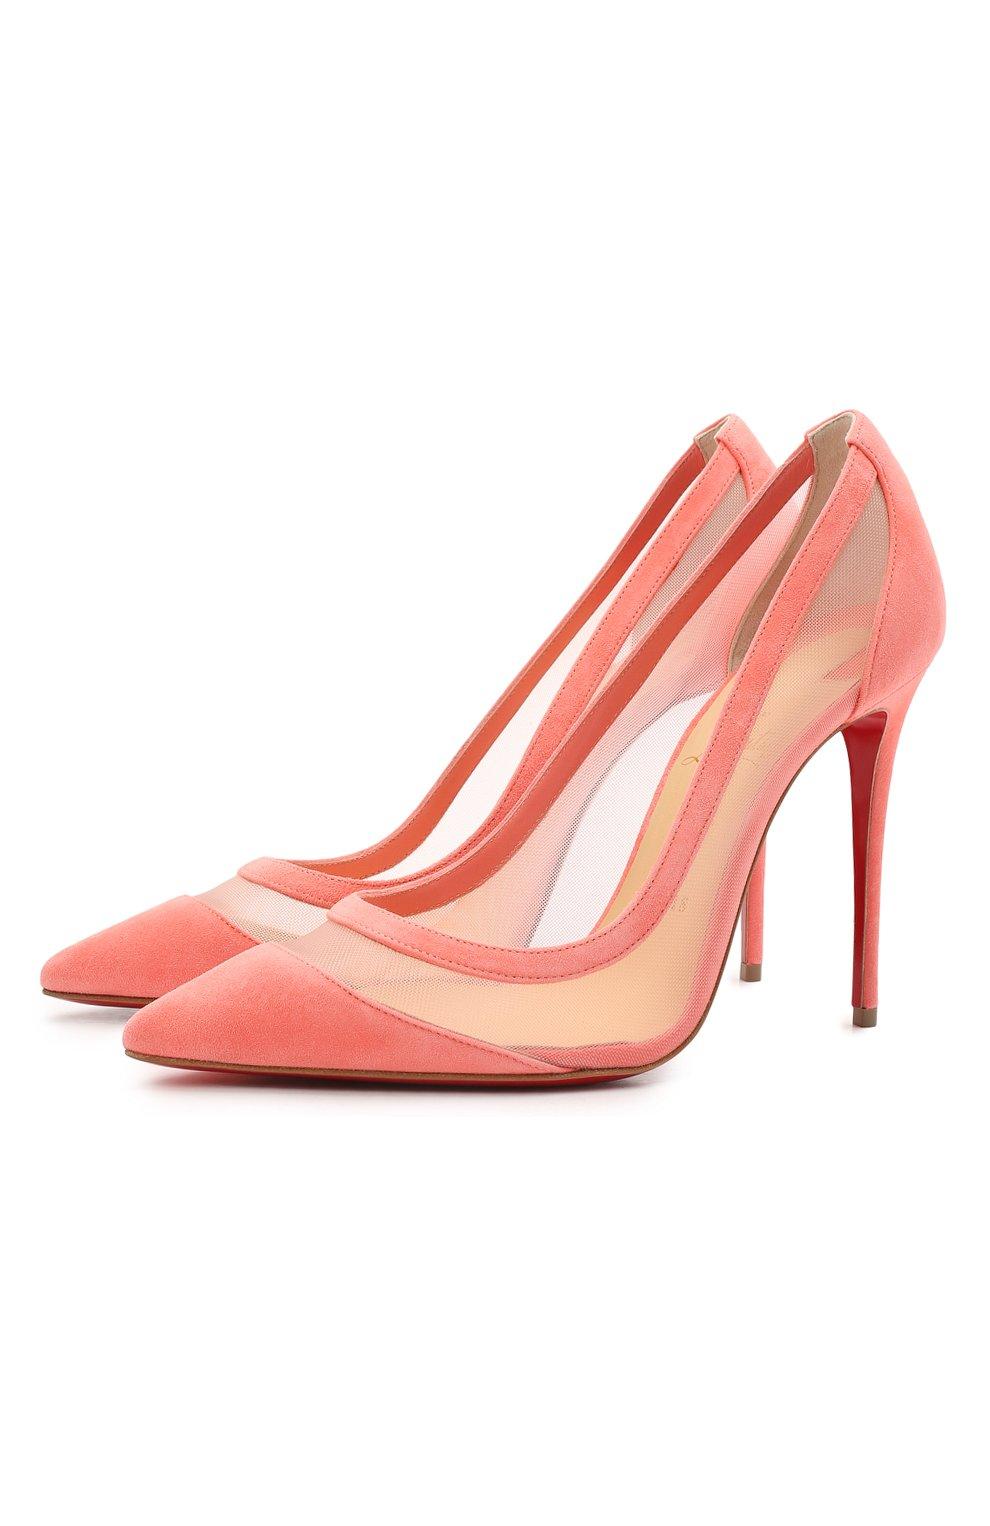 Женские комбинированные туфли galativi 100 CHRISTIAN LOUBOUTIN розового цвета, арт. 1210717/GALATIVI 100 | Фото 1